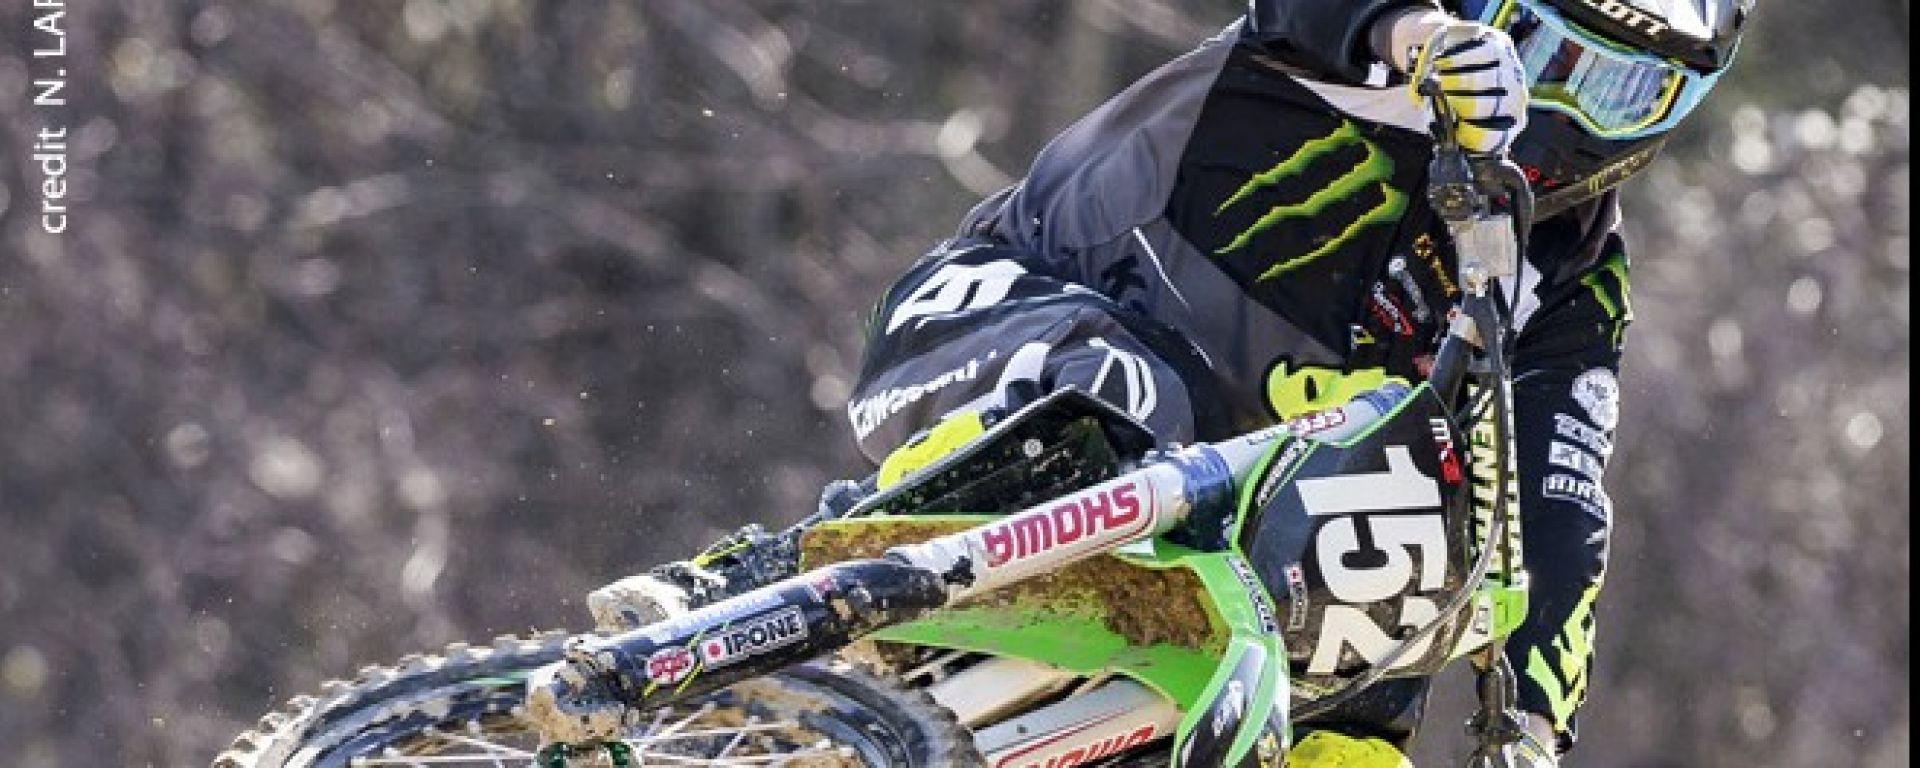 Ottobiano Vibram Days, Vibram lancia la nuova tecnologia VLR per il Motocross